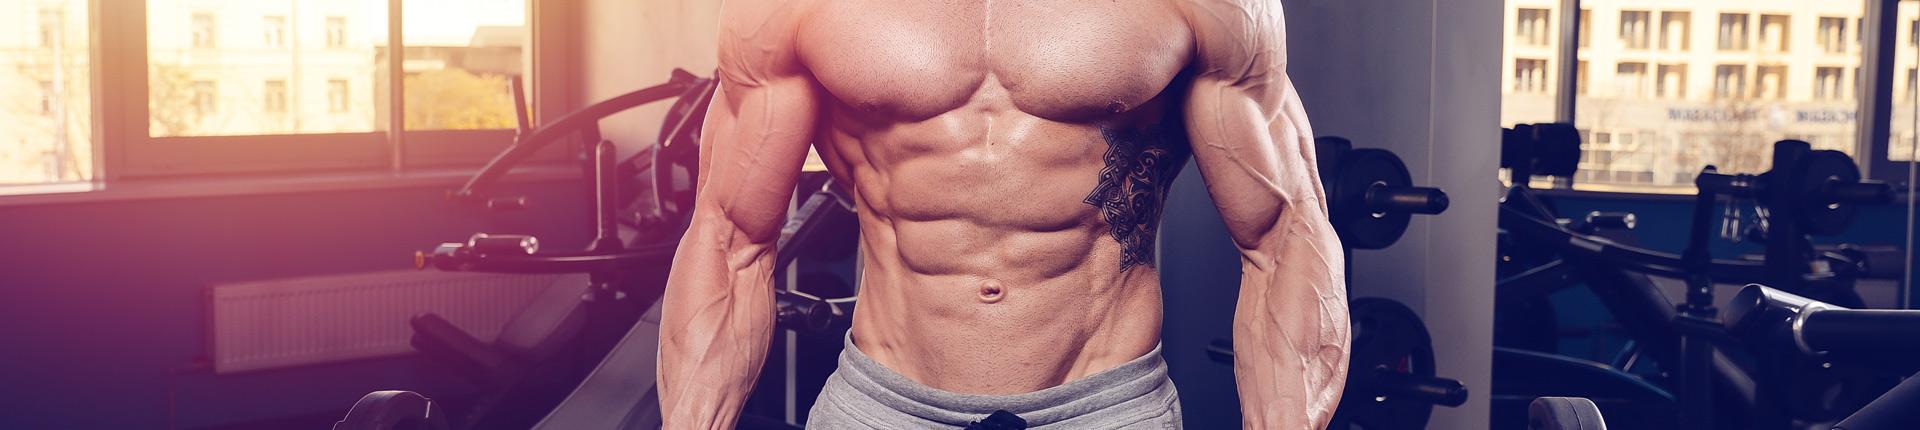 """""""Mówi się, że"""" - najpopularniejsze obiegowe mity dotyczące treningu"""